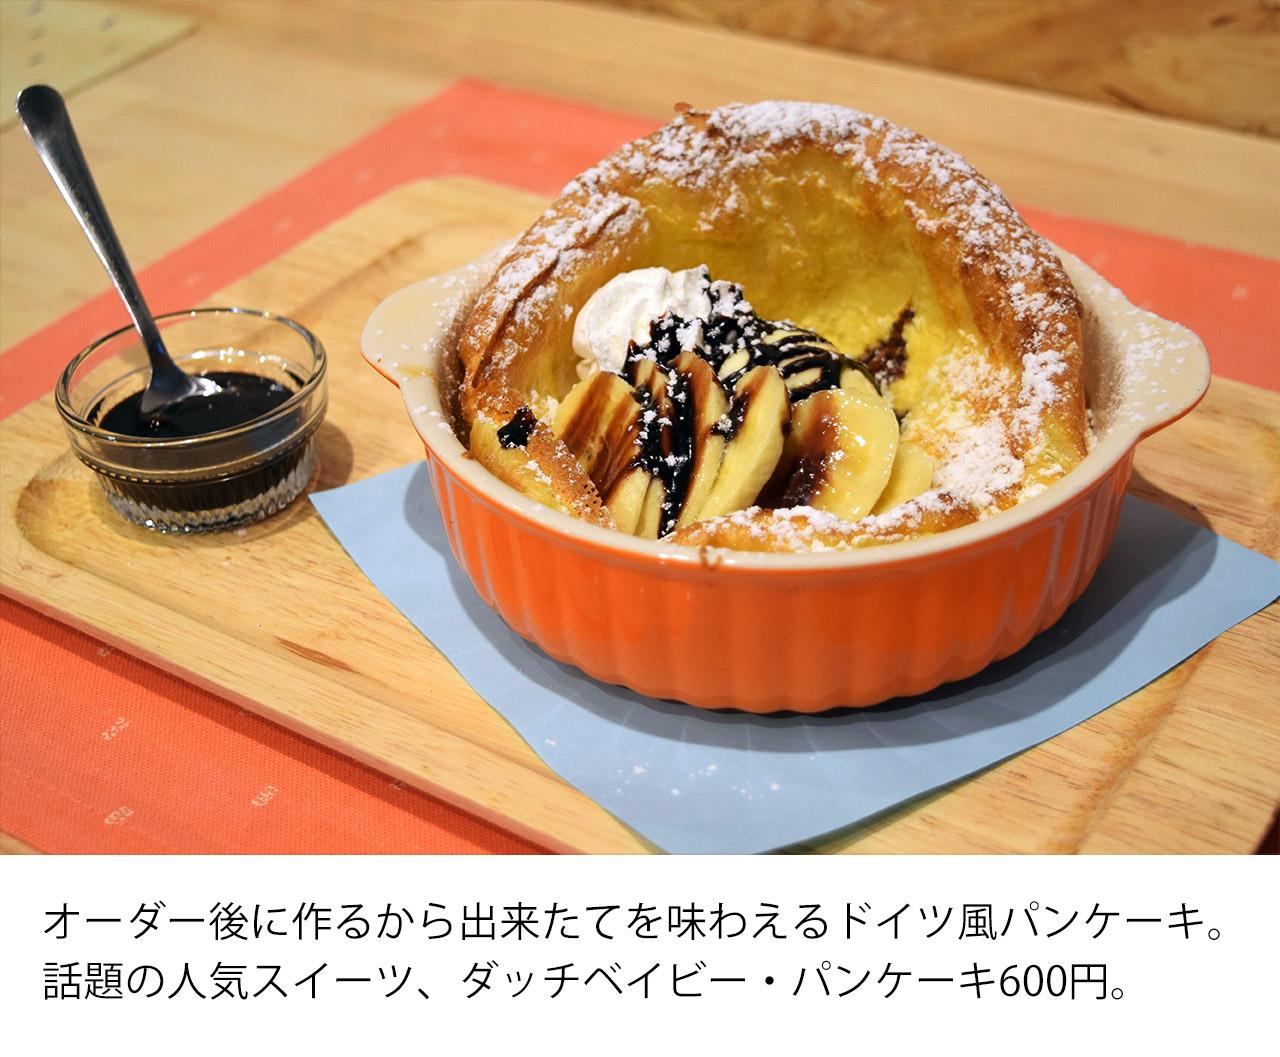 オーダー後に作るから出来たてを味わえるドイツ風パンケーキ。話題の人気スイーツ、ダッチベイビー・パンケーキ600円。